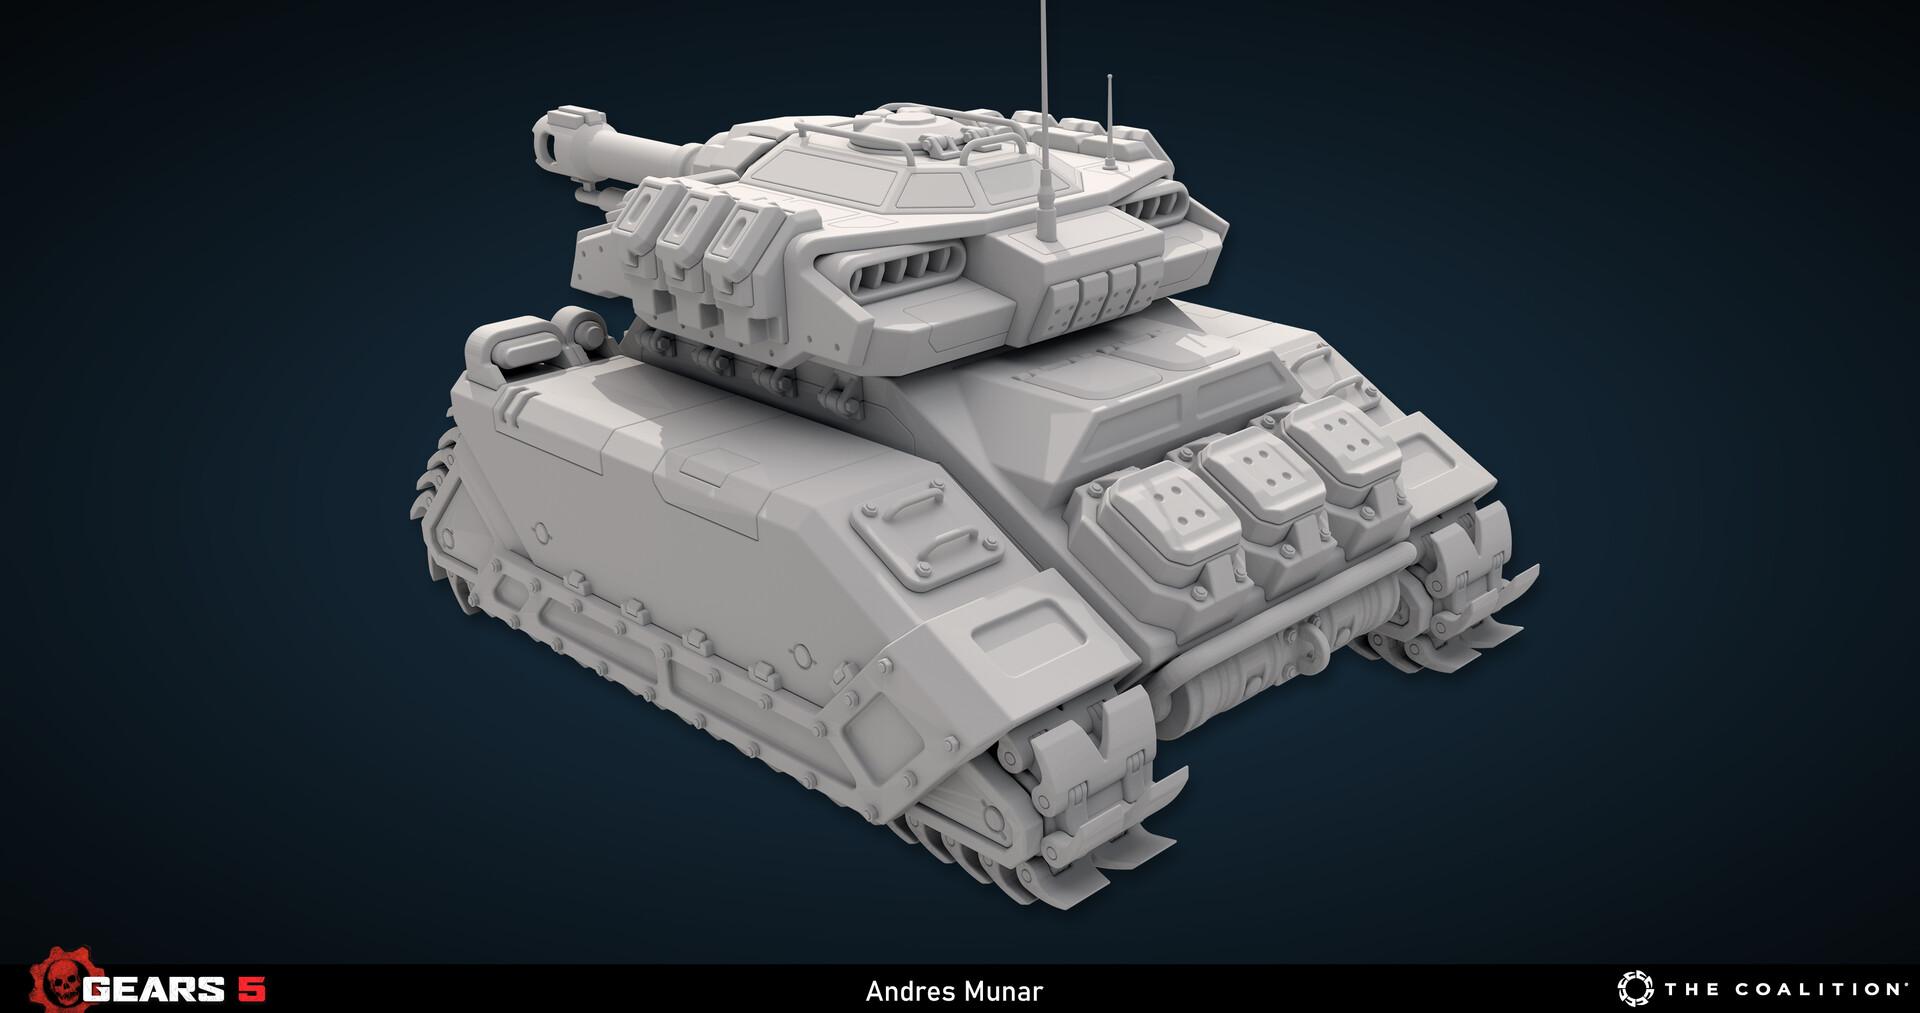 Andres munar gears5 017